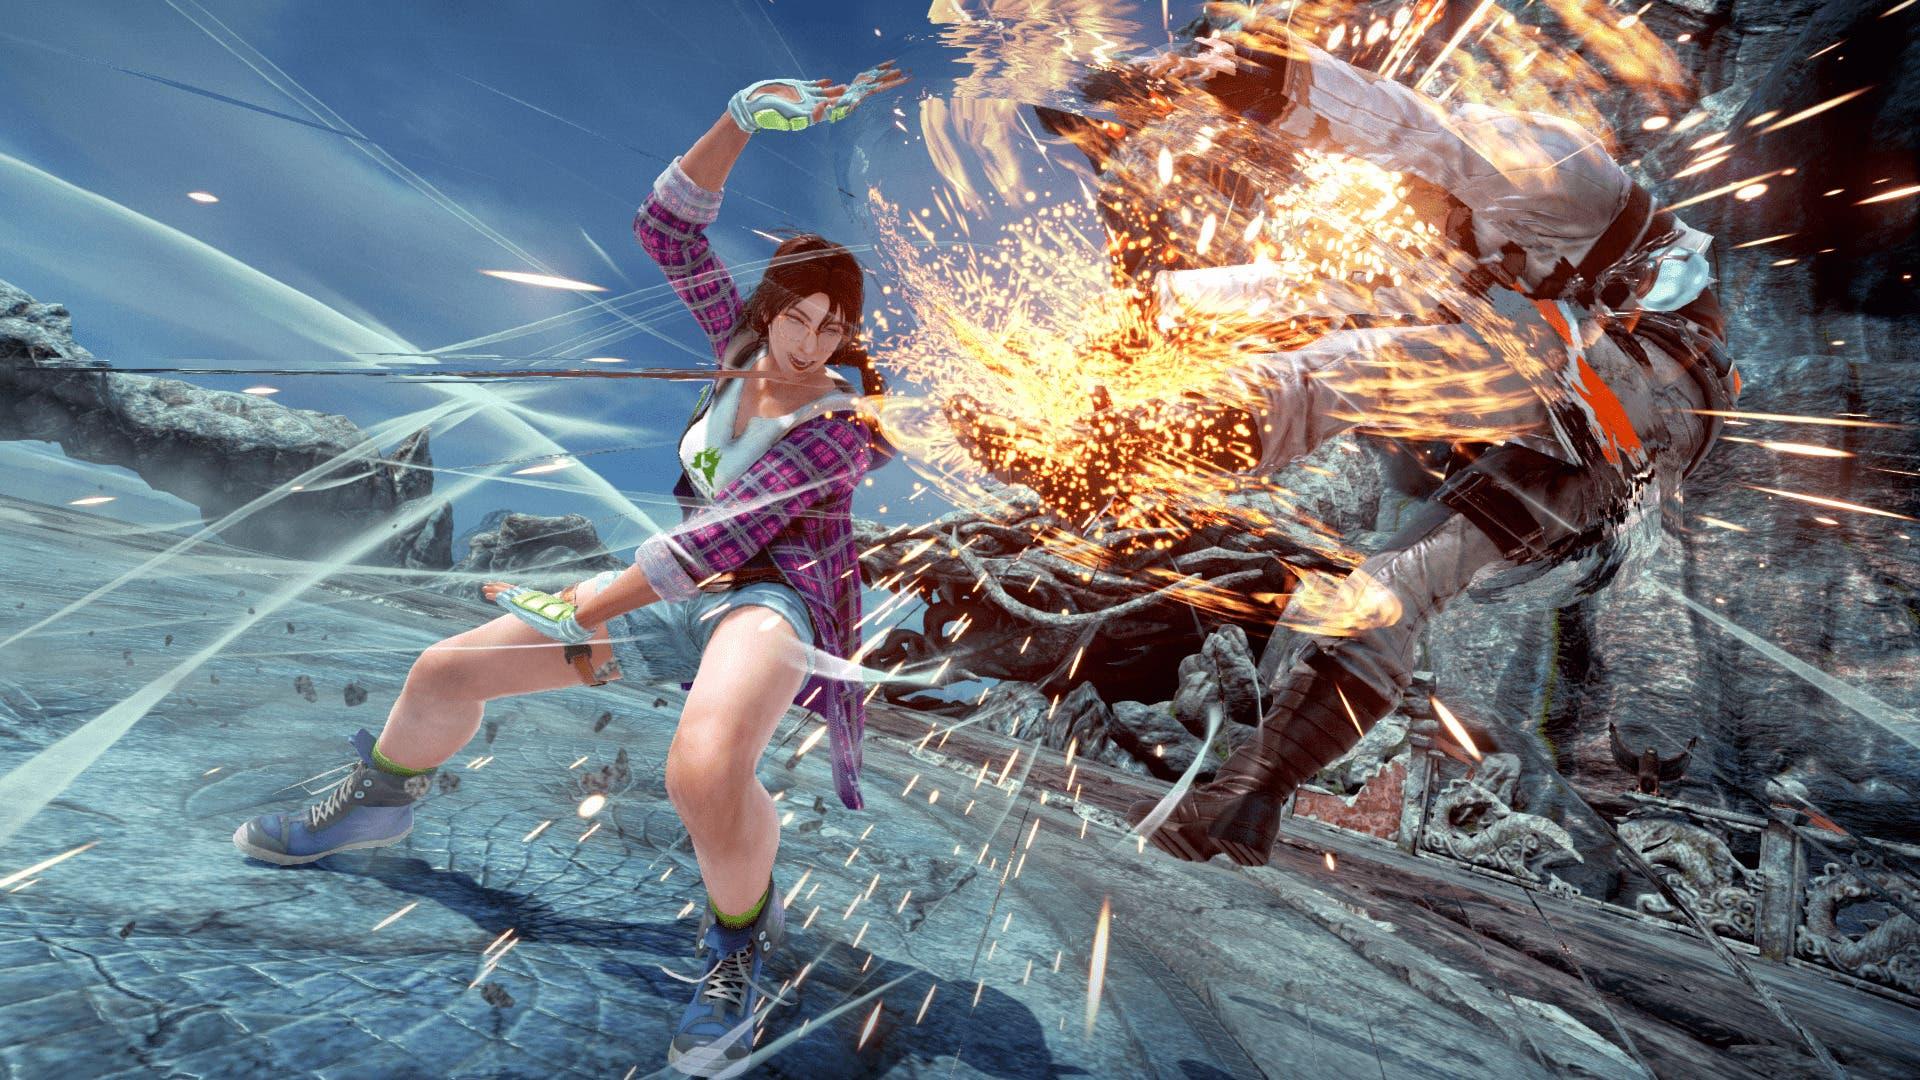 Imagen de Tekken 7 lanza una actualización gratuita de contenido con motivo de su segundo aniversario